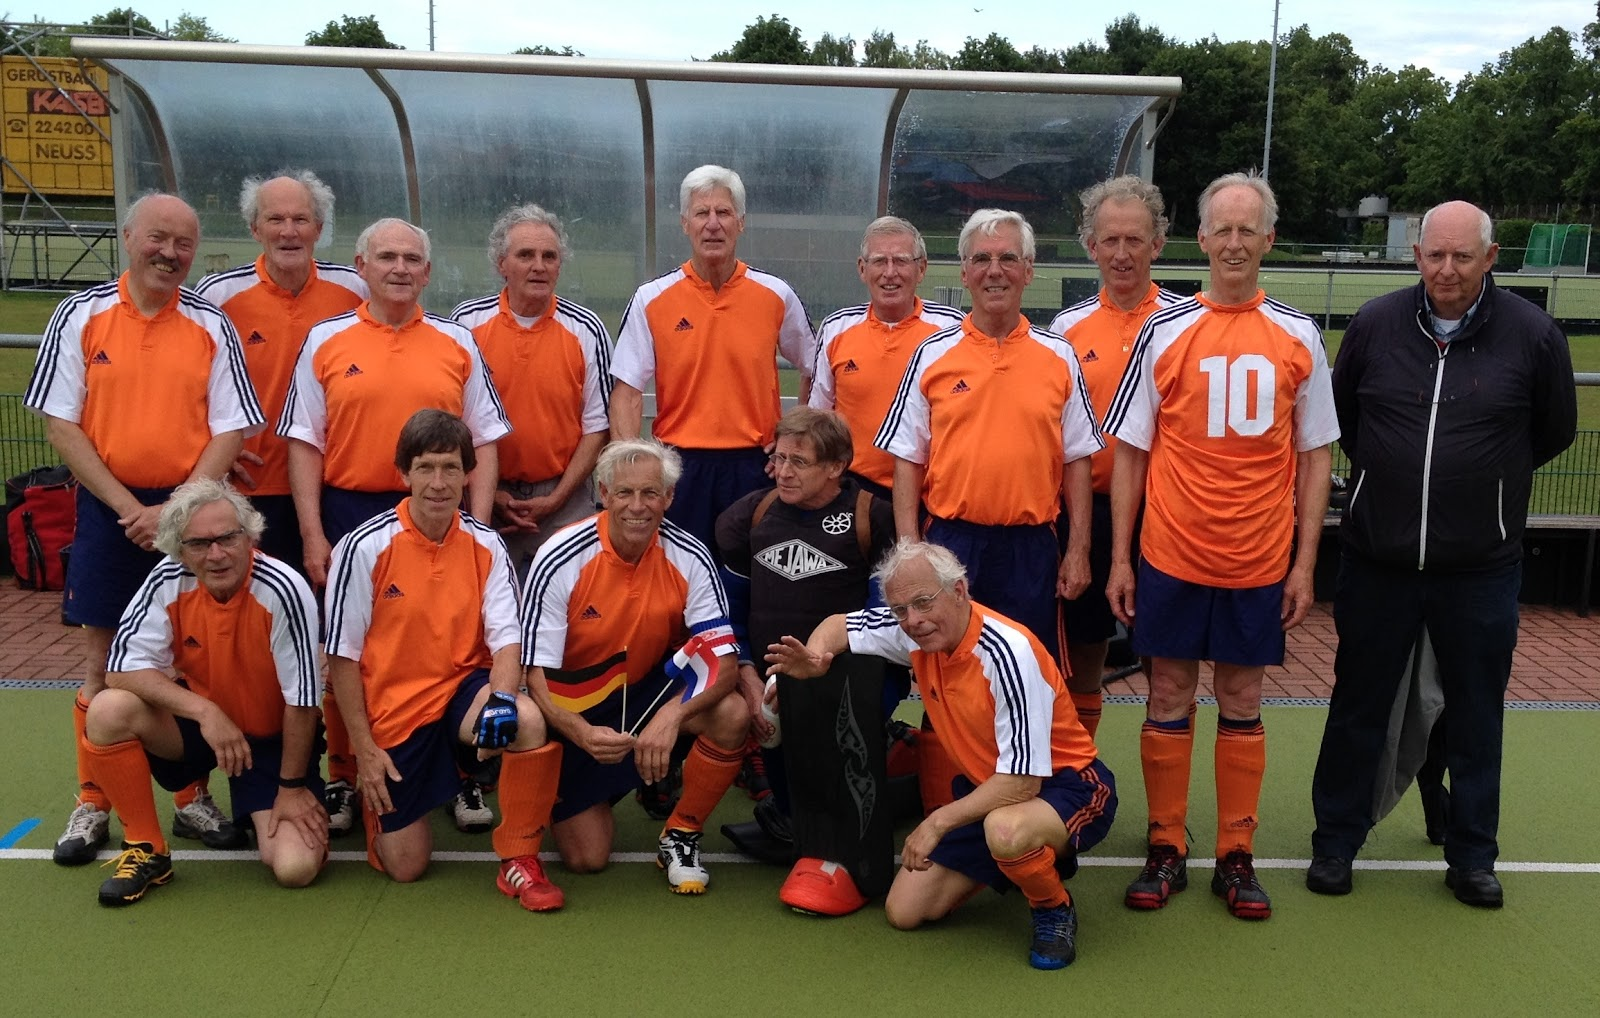 65A tegen Duitsland Neuss 30 mei 2015.jpg